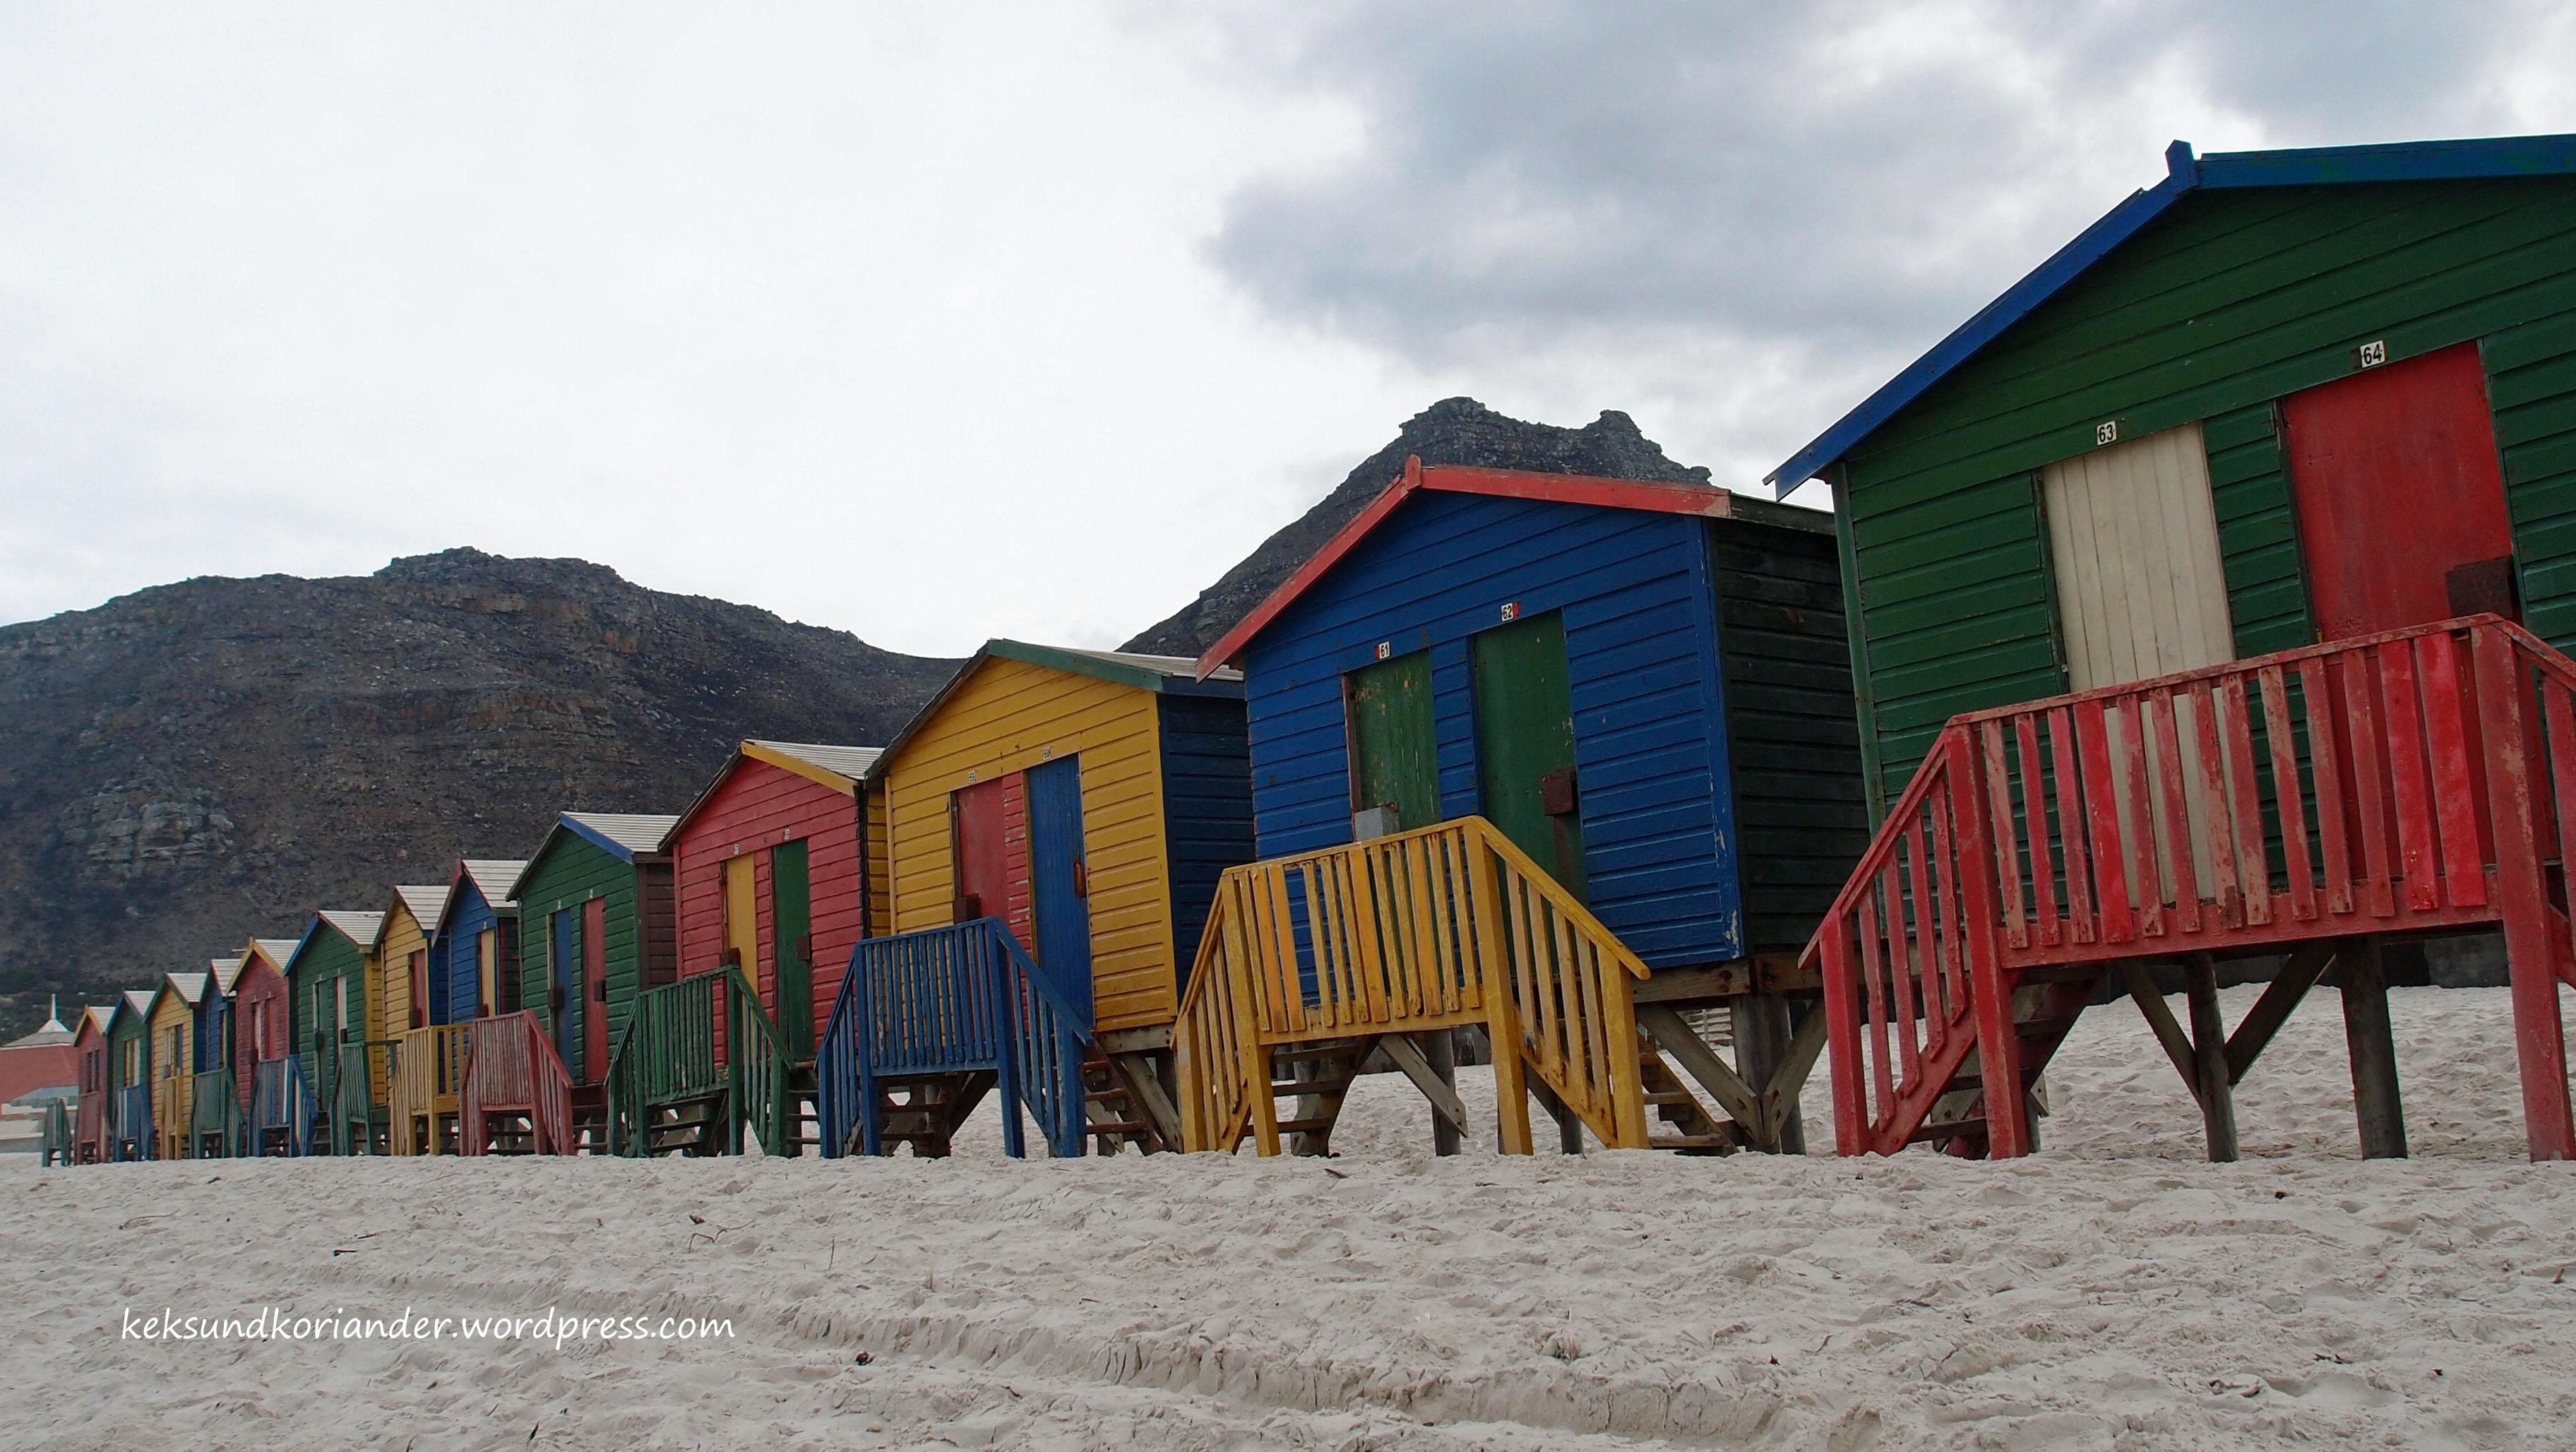 Südafrika Muizenberg Strandhäuschen bunt